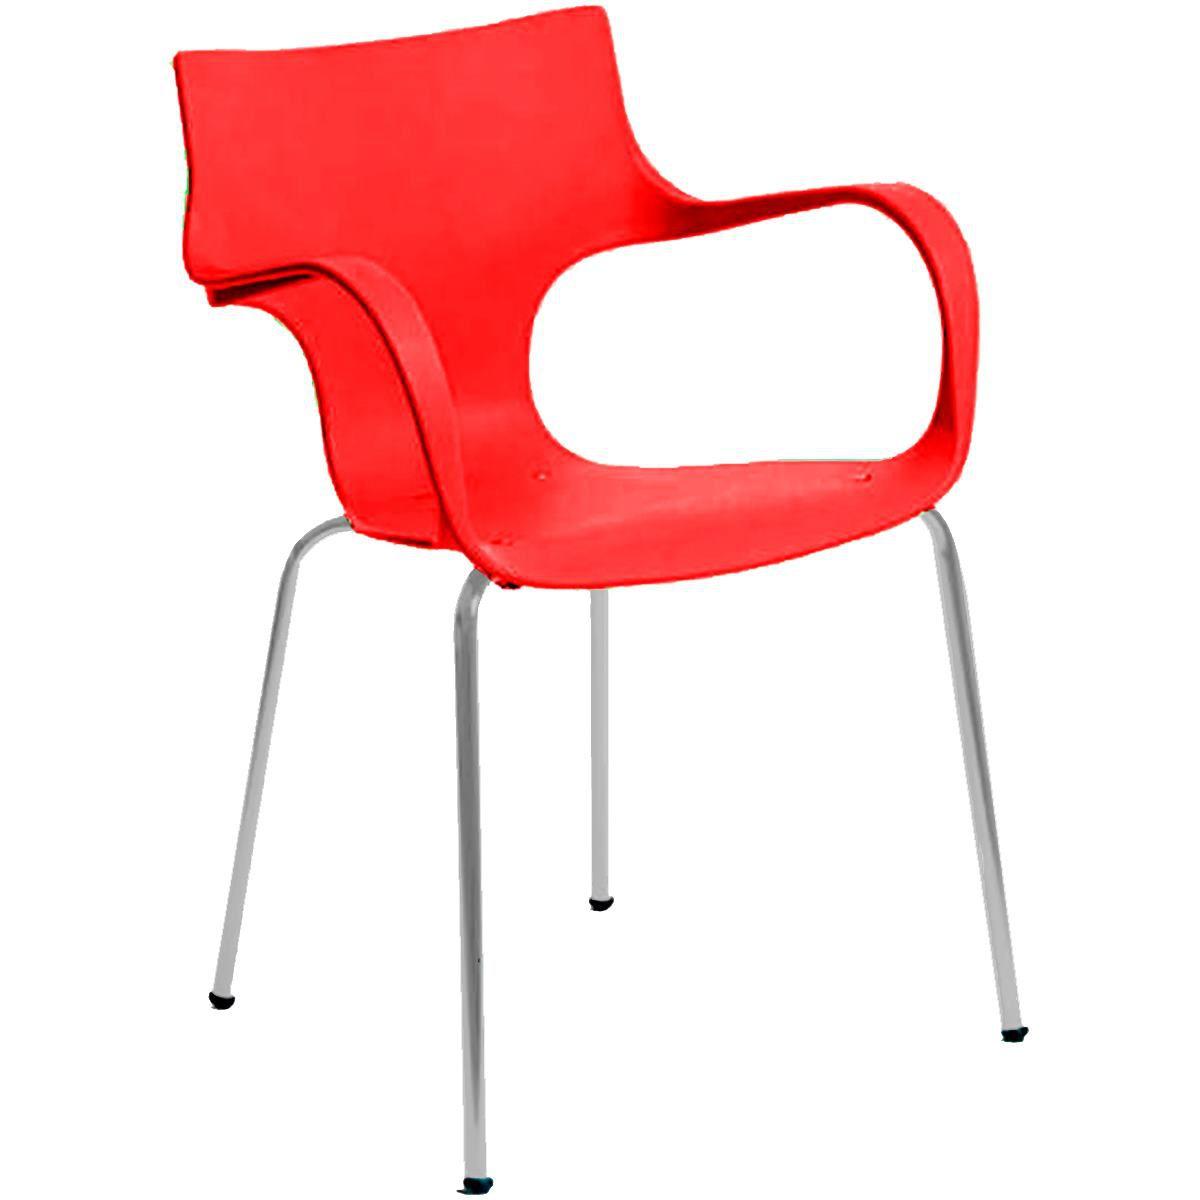 Cadeira Polipropileno Pintada Daniela